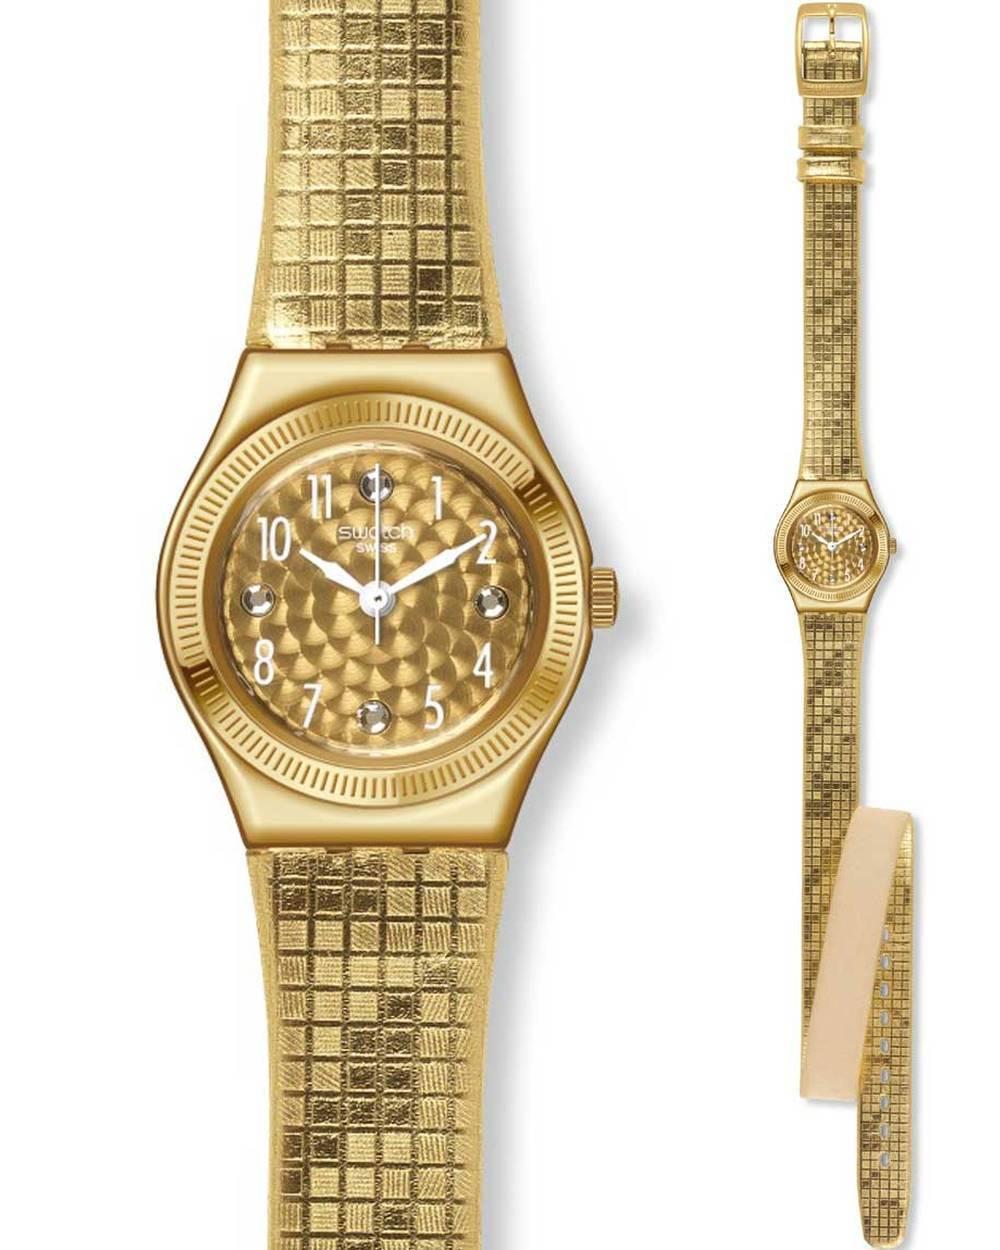 Ρολόι SWATCH Dance Floor Gold Leather Strap - YSG135 - OROLOI.gr 06aa5dcafa5